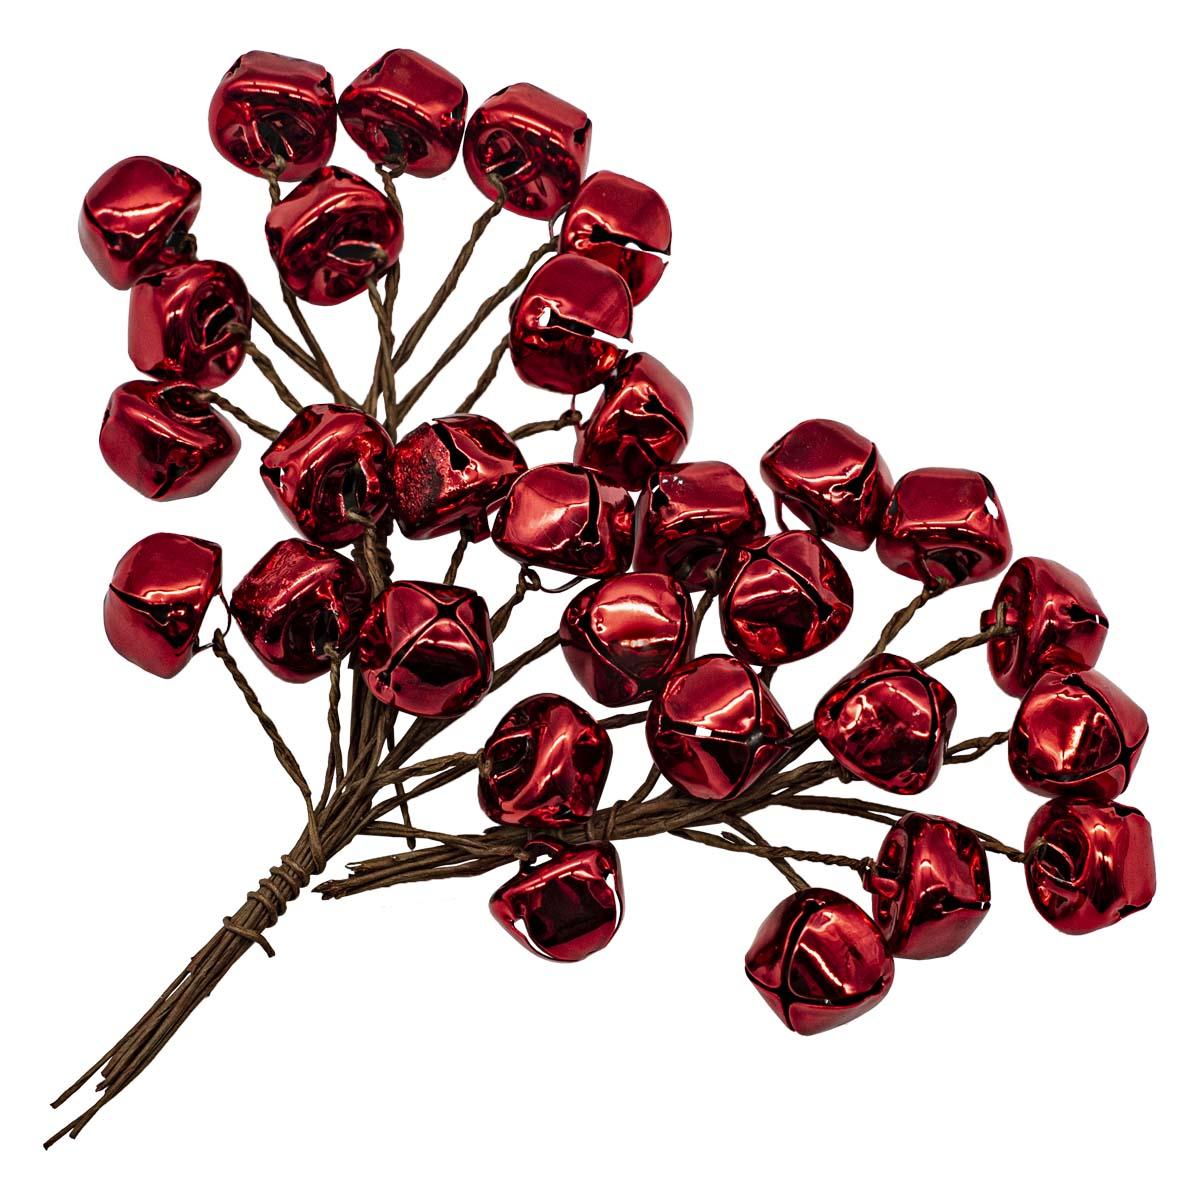 XY19-781 Бубенчики на ветке, красные, 1.5см, 30шт/упак.